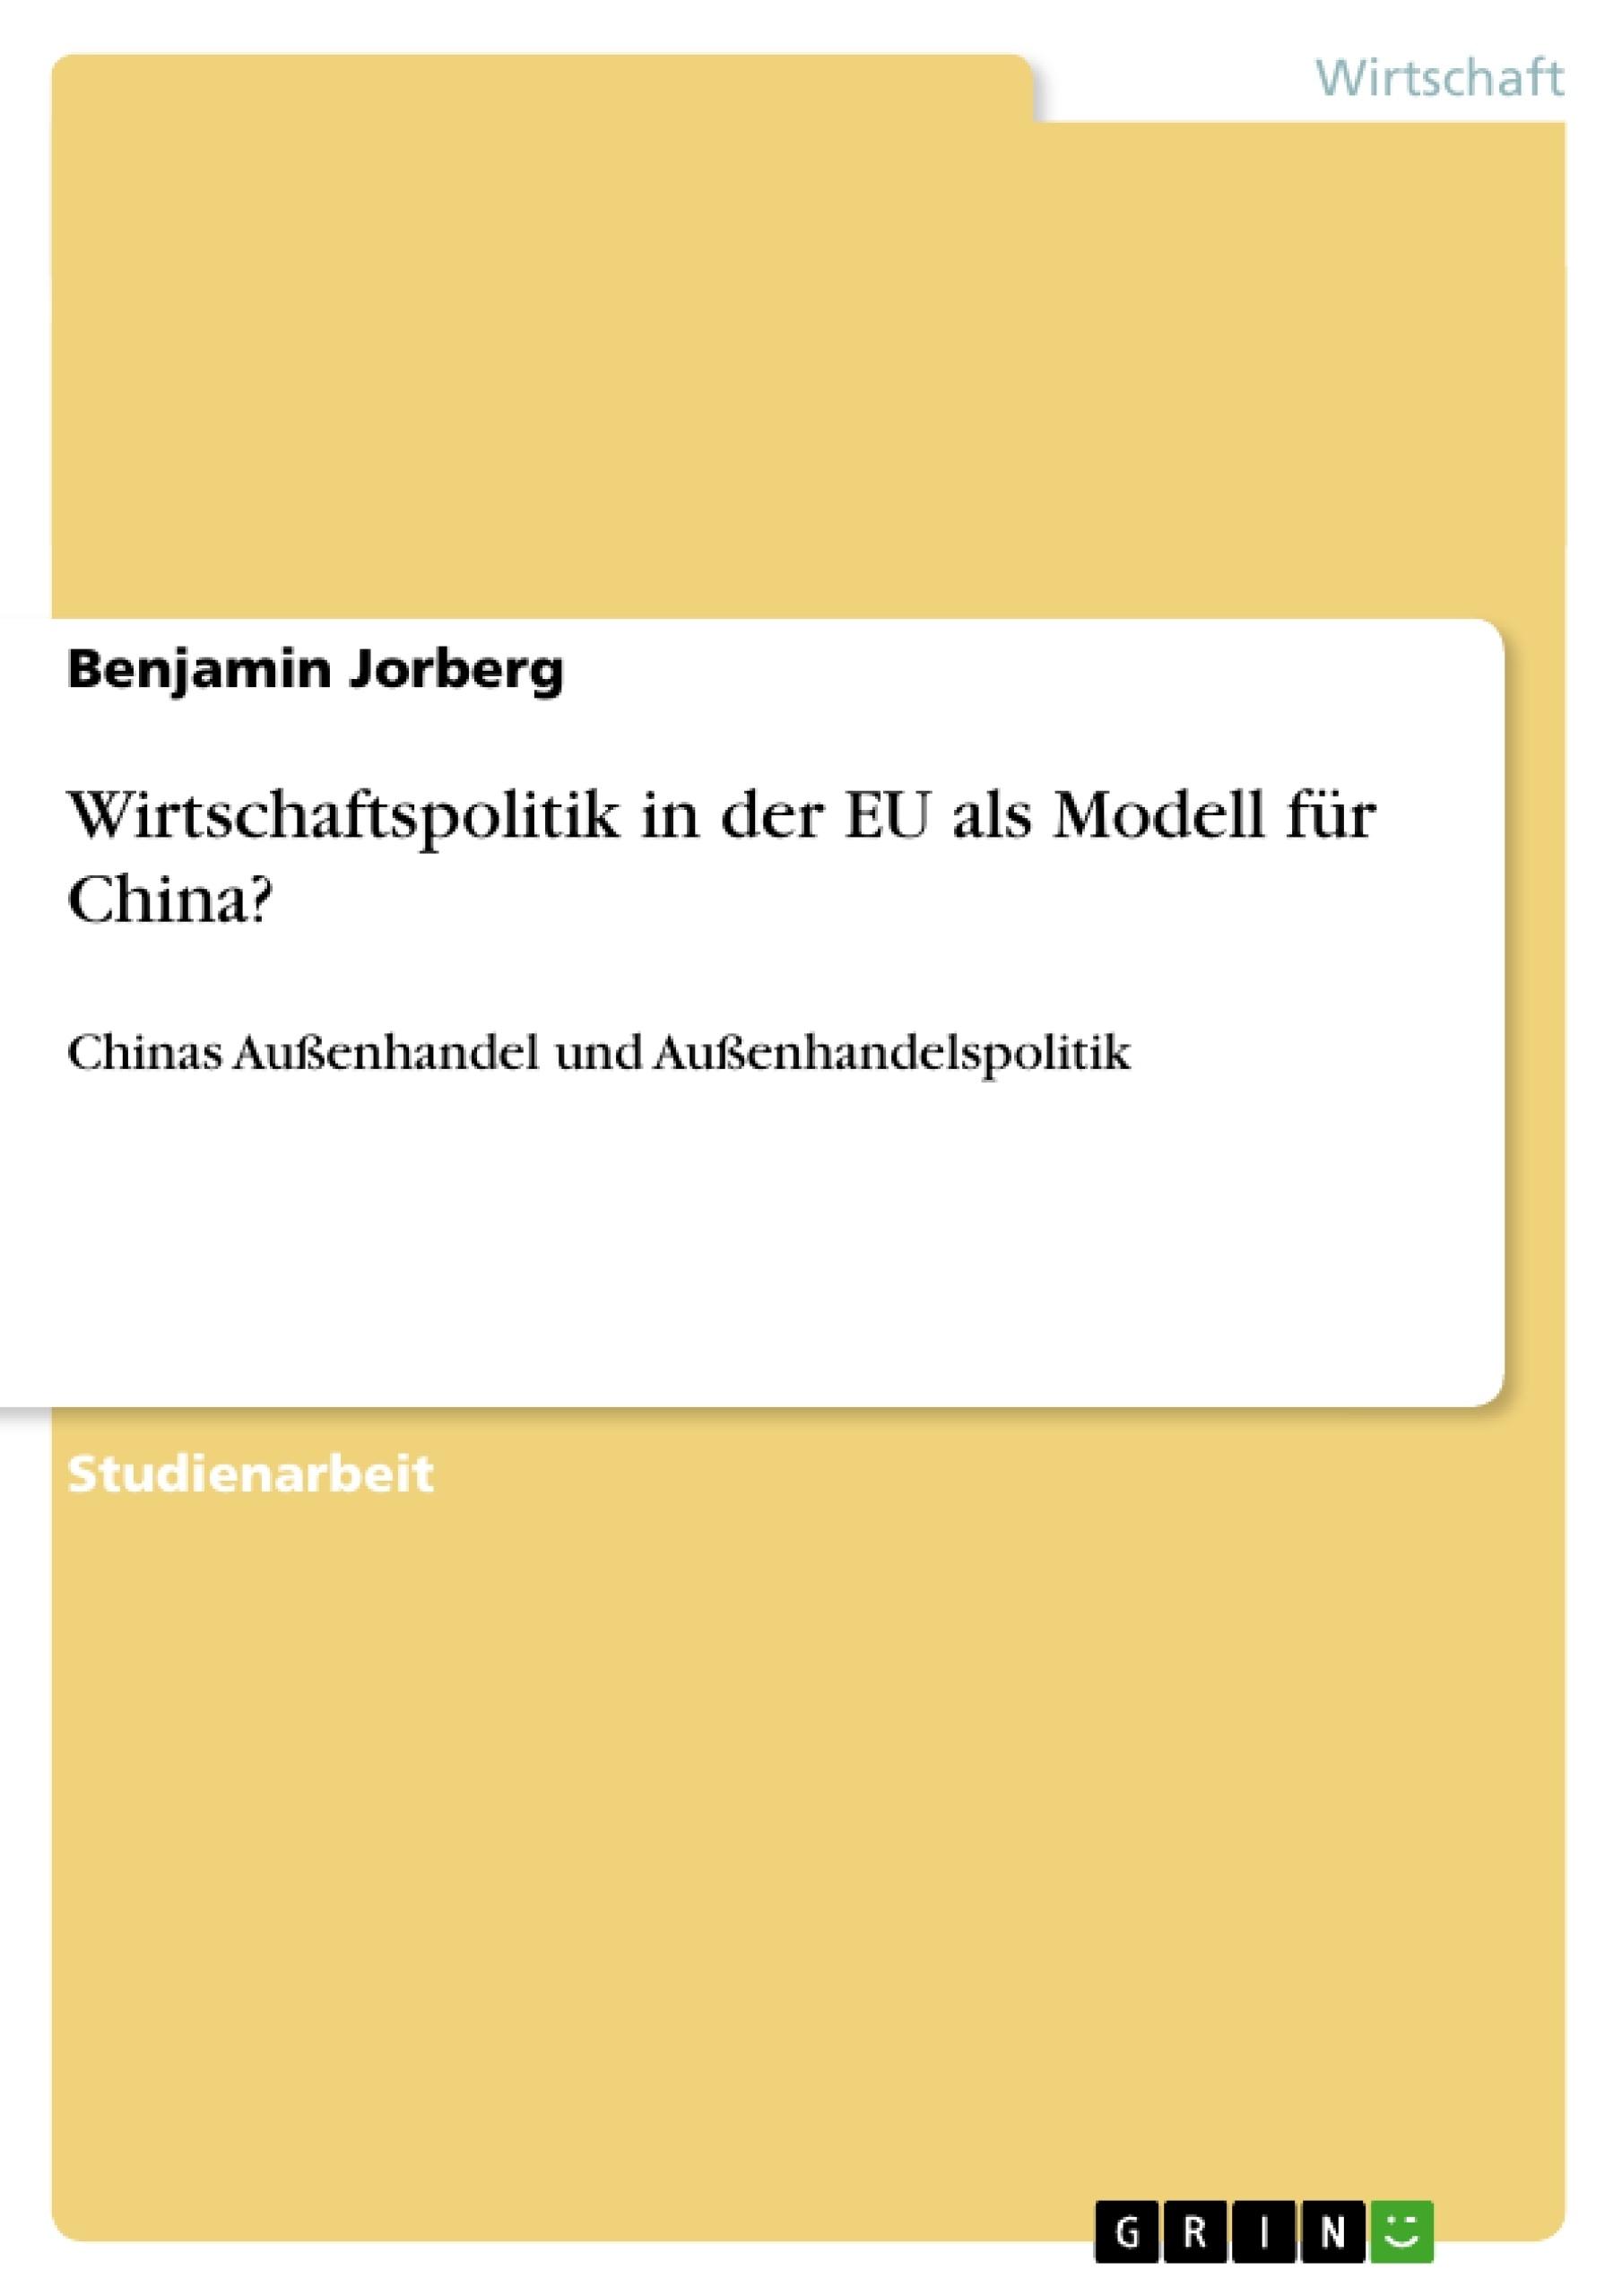 Titel: Wirtschaftspolitik in der EU als Modell für China?